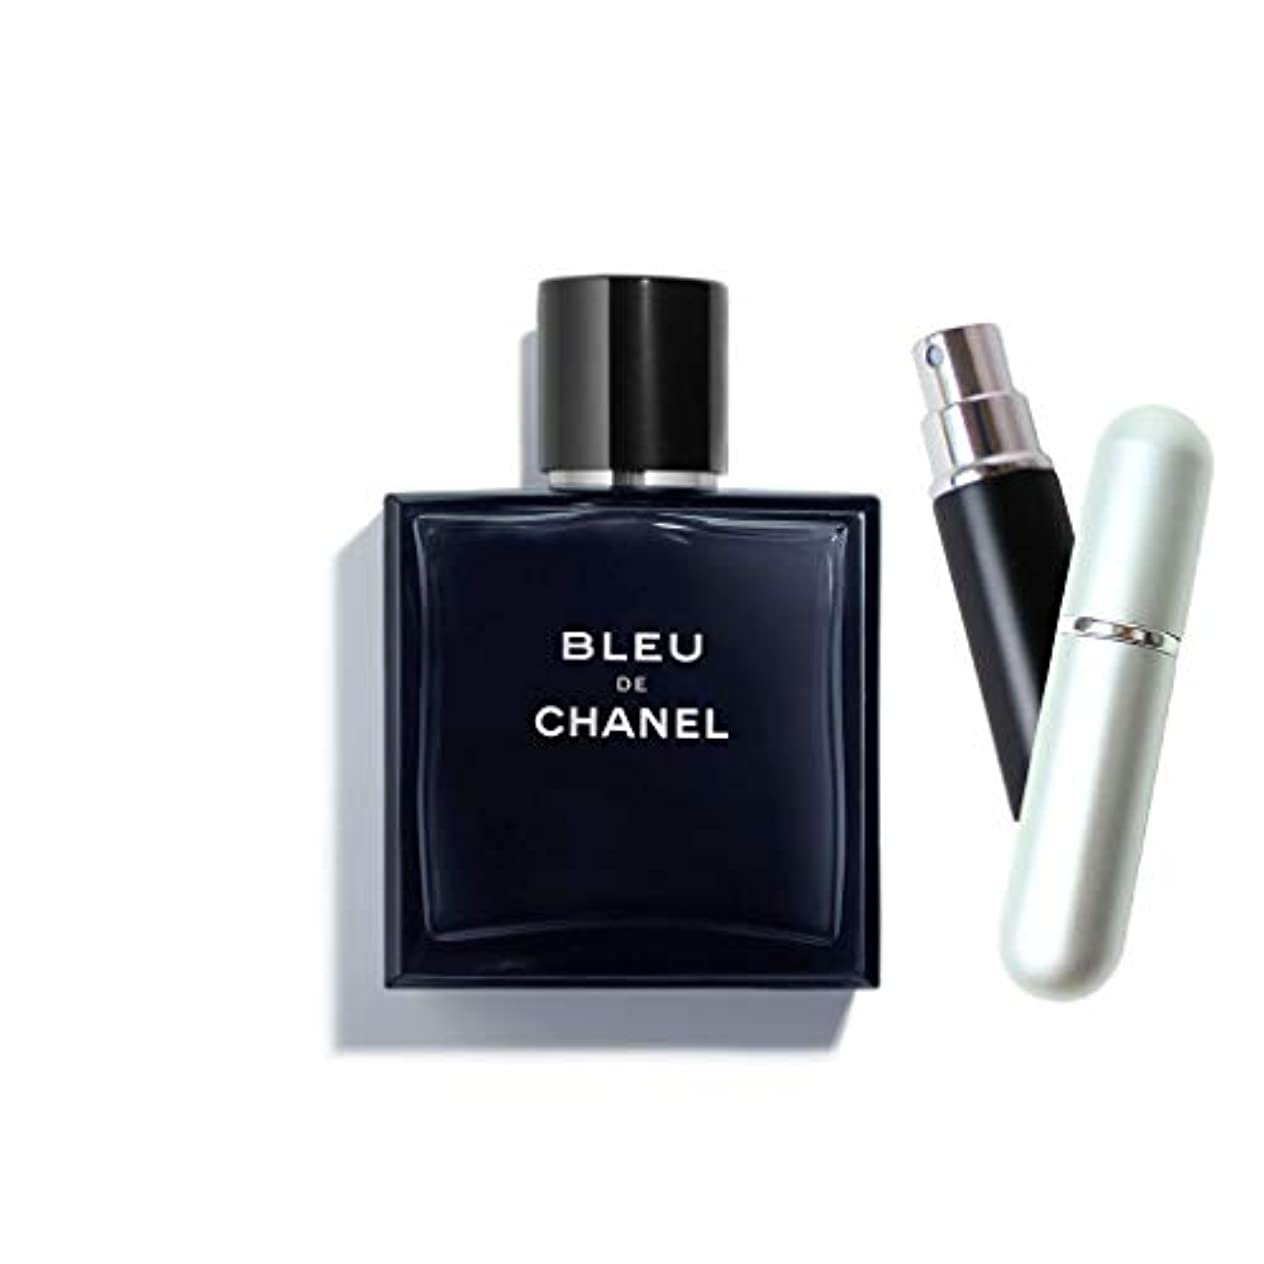 窒素銅恒久的[正規品 セット品] アトマイザー付き シャネル 香水 ブルー ドゥ シャネル EDT 50ml